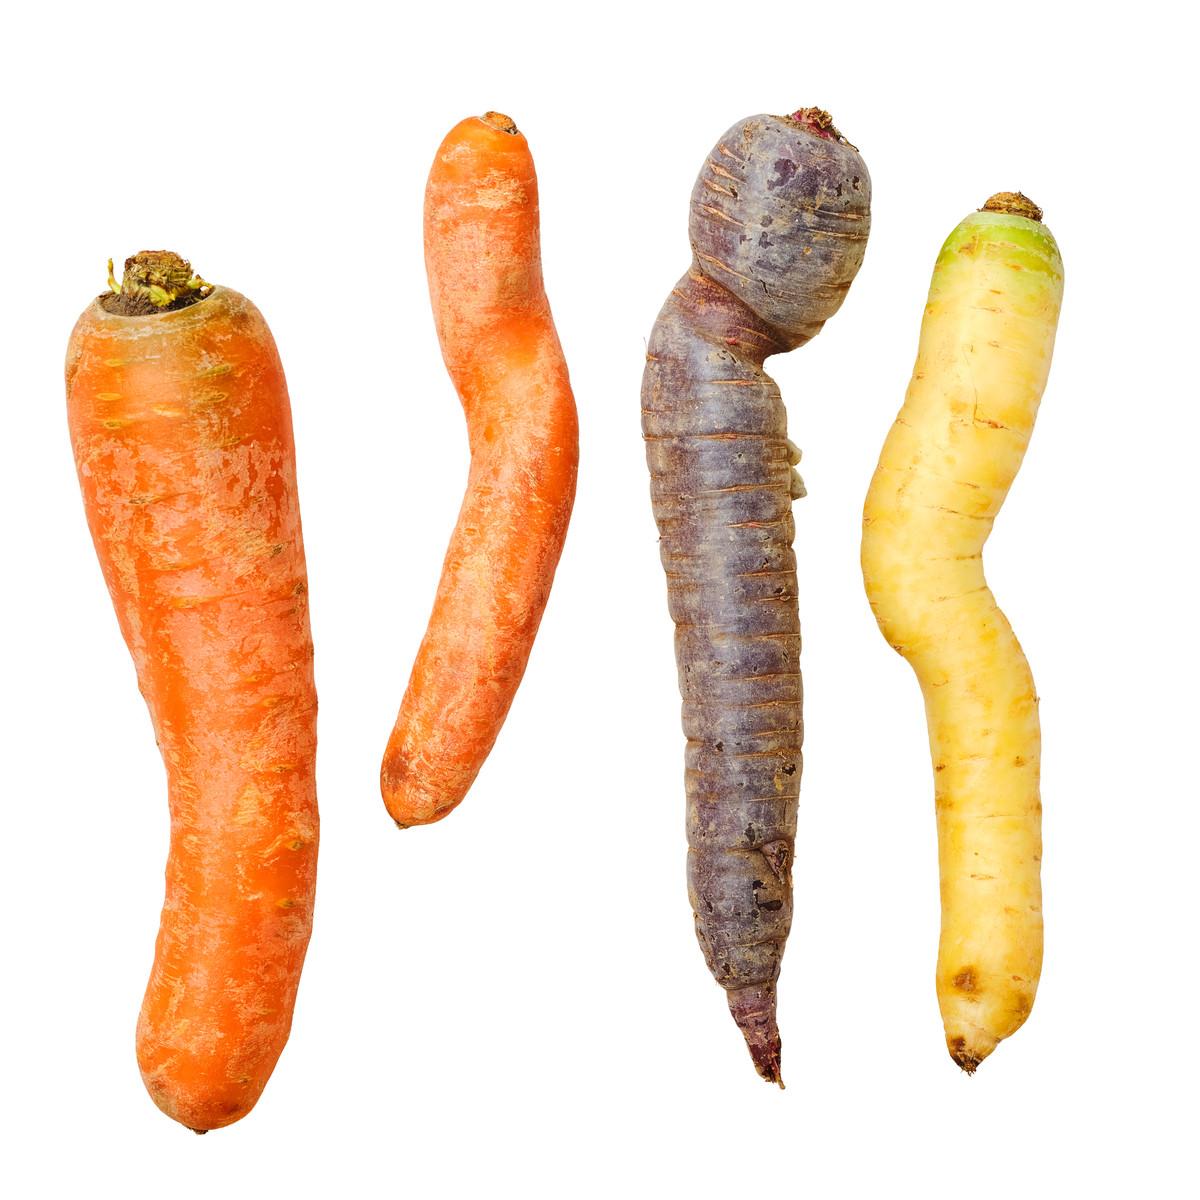 20200228_Gemüse:Obst_Freisteller_28.jpg